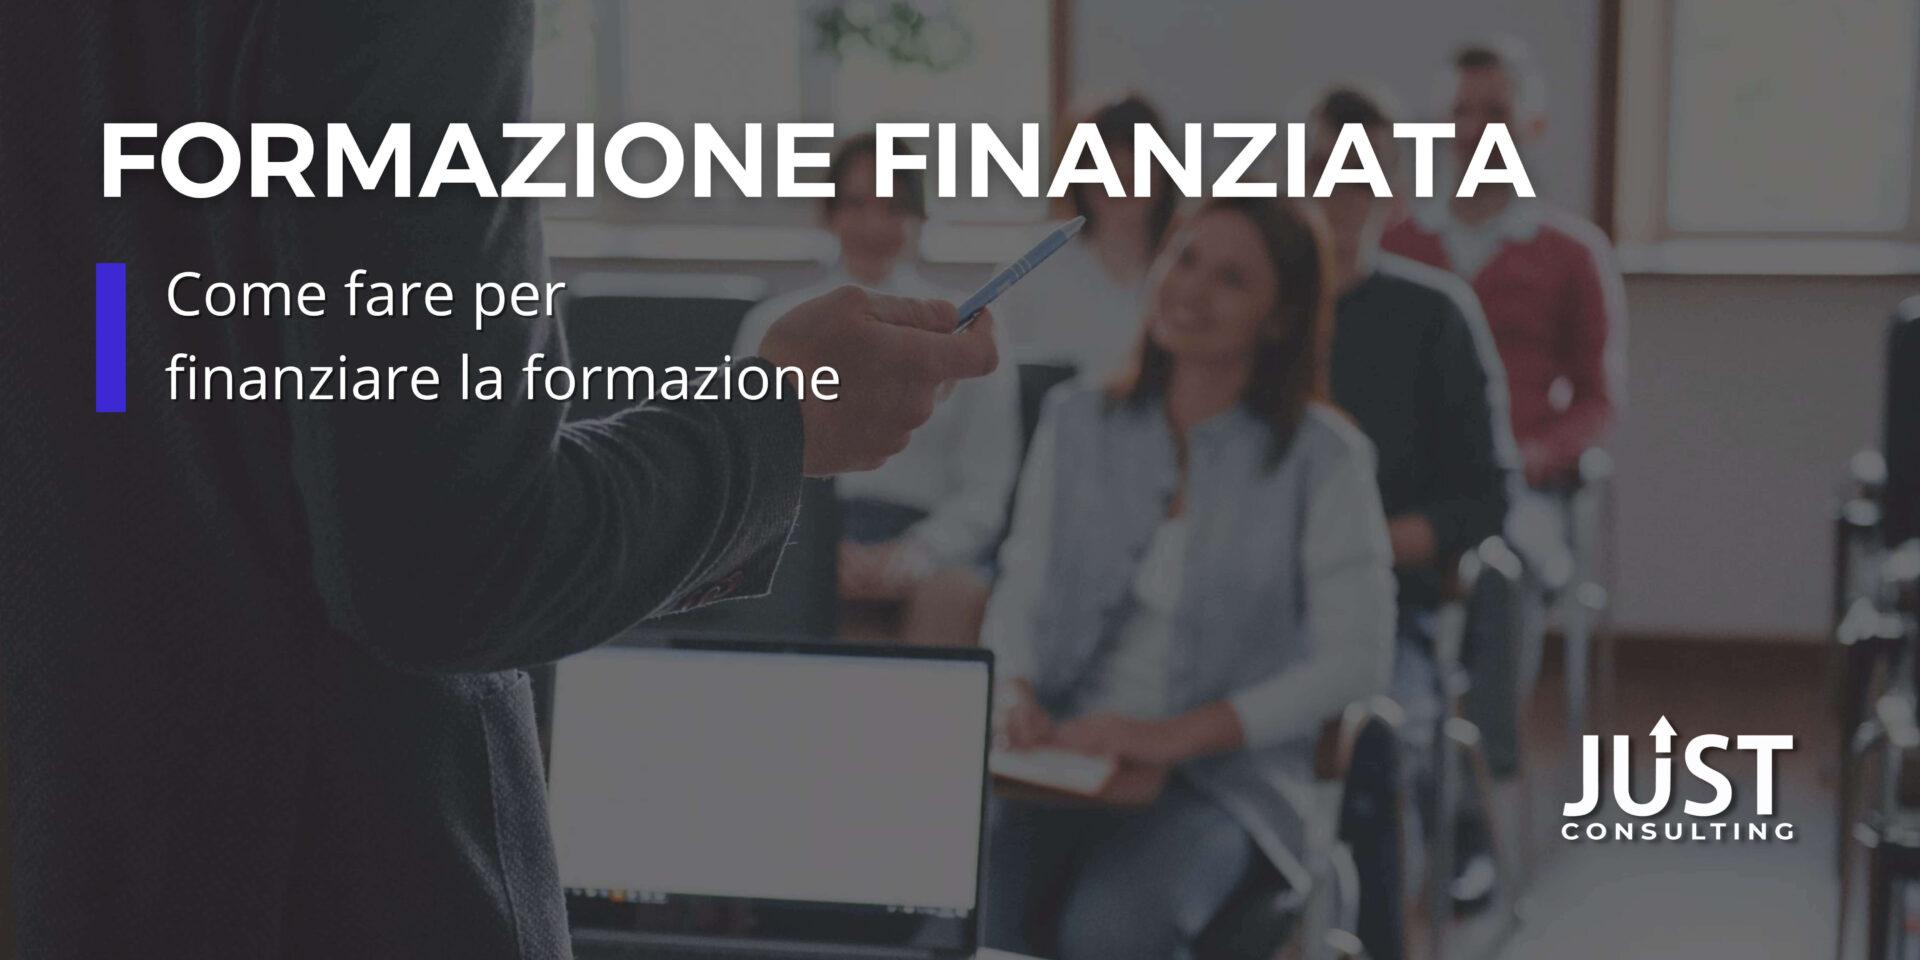 Formazione finanziata, formazione lavoratori, Fondi interprofessionali, formazione gratuita, formazione aziendale